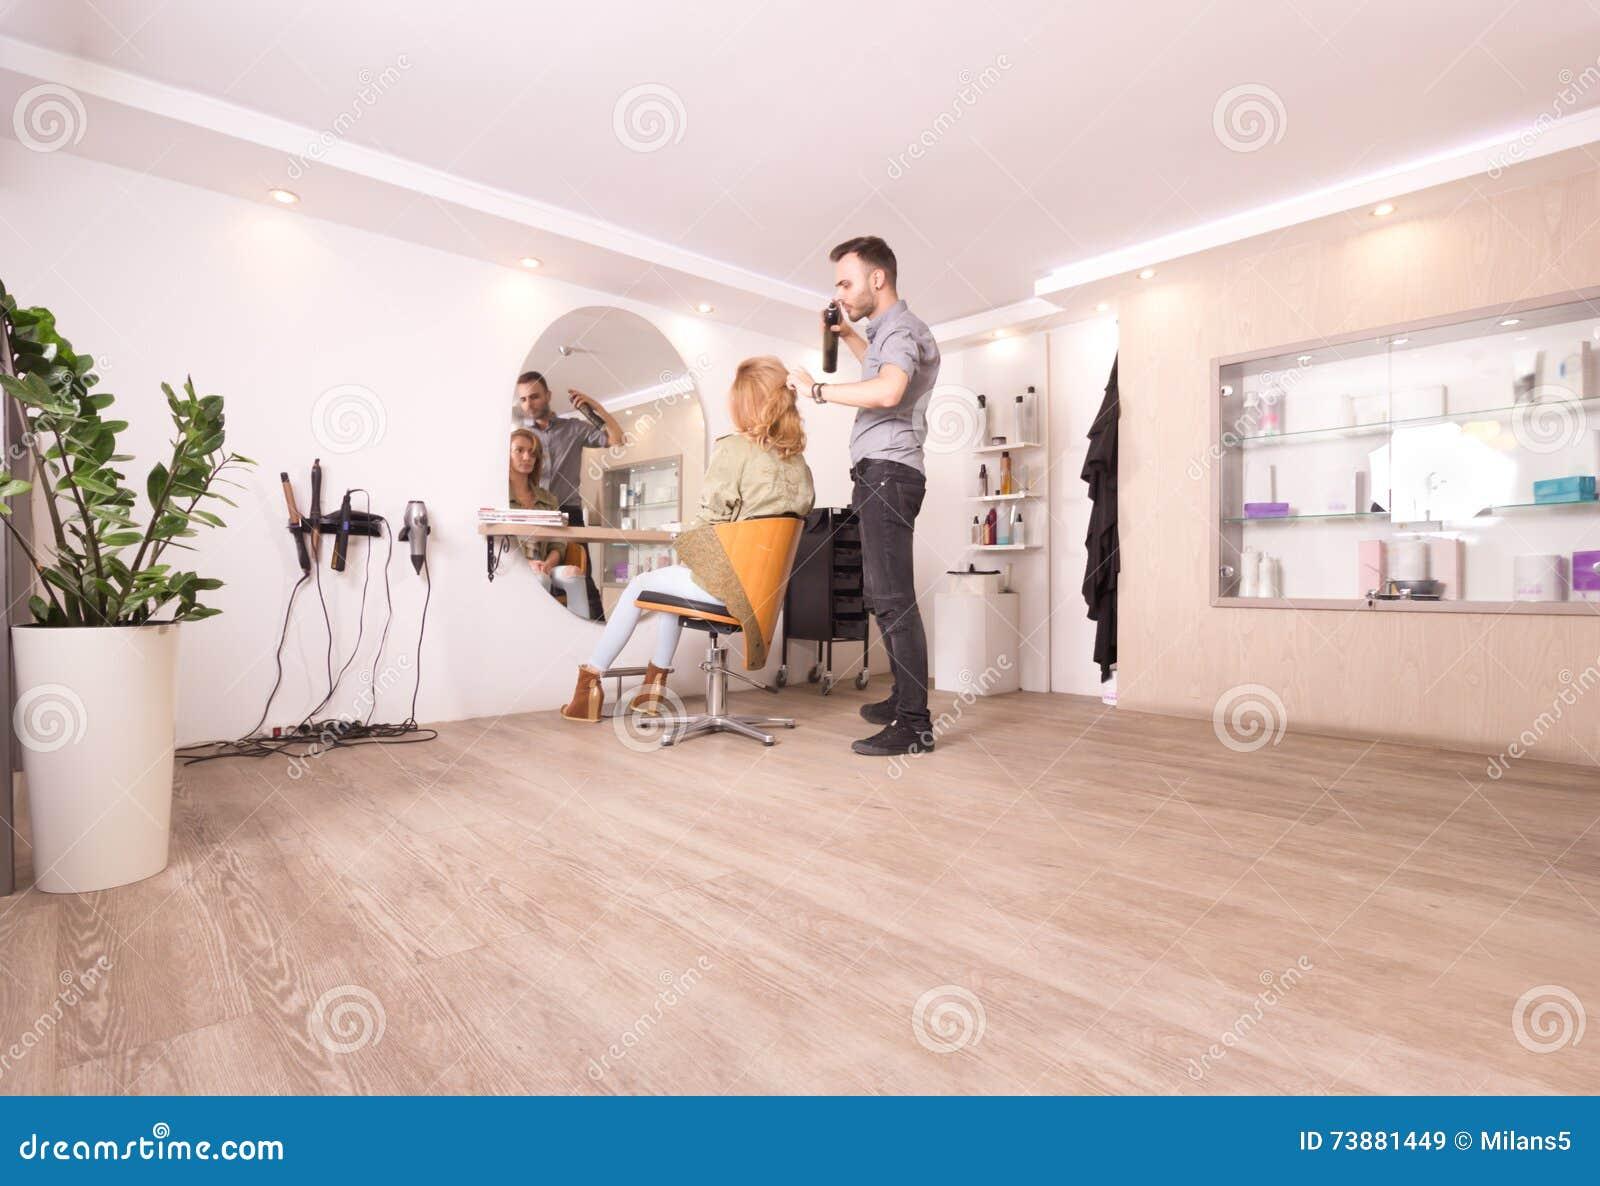 100 hair salon floor plans free hair salon for A le salon duluth mn